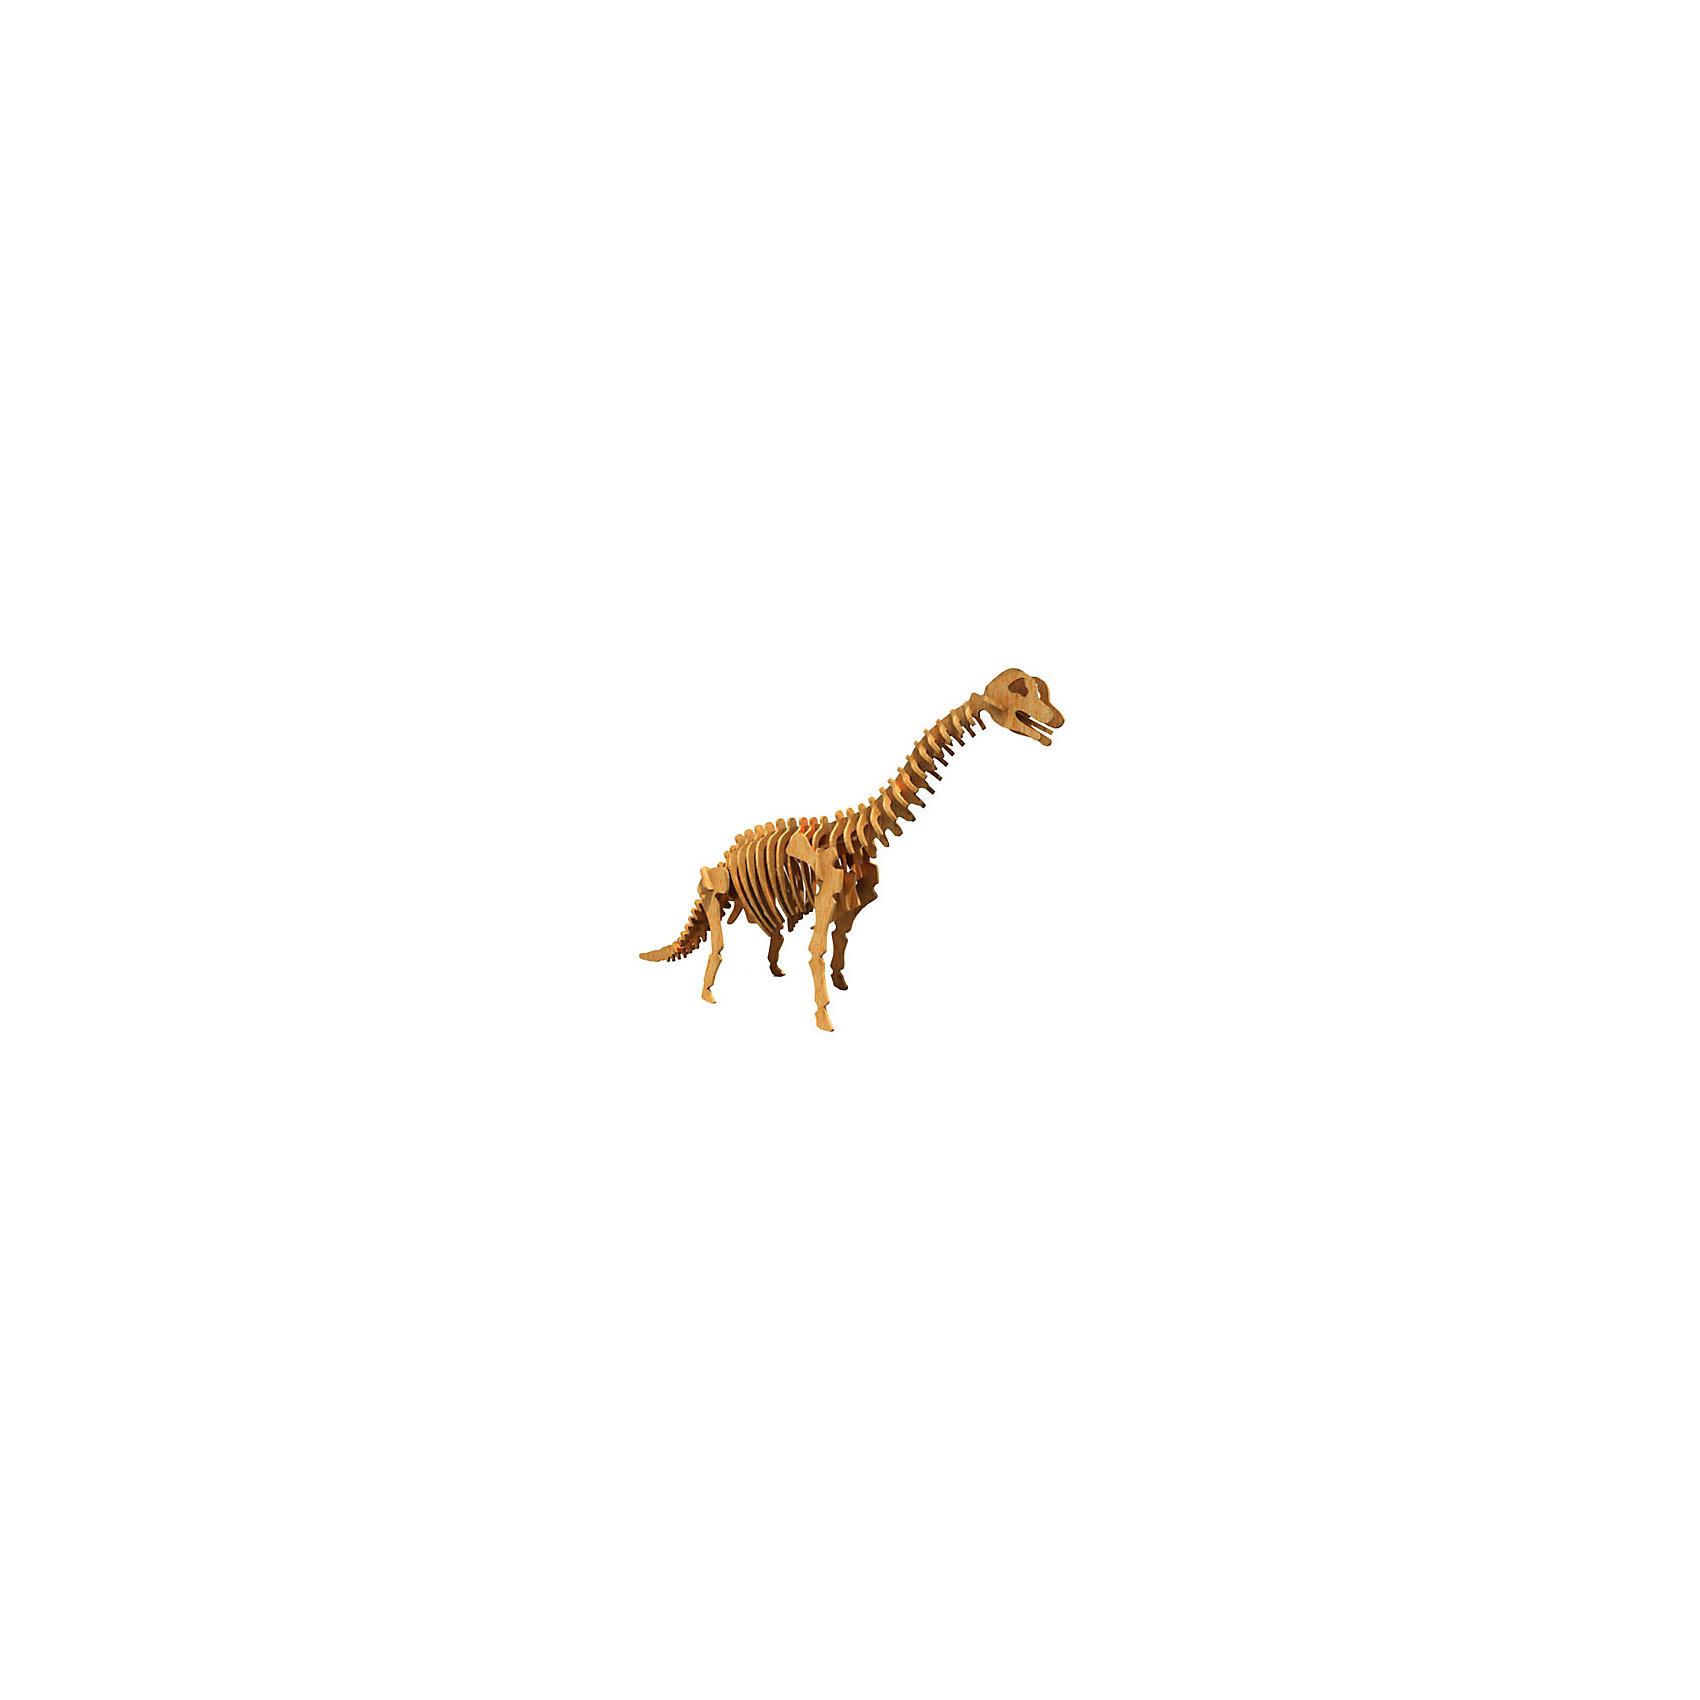 Брахиозавр (серия Ж), Мир деревянных игрушекОтличный способ для ребенка с пользой провести время и развить свои навыки - сделать деревянную игрушку самому! Специально для любящих творчество и интересующихся вымершими животными были разработаны эти 3D-пазлы. Из них получаются красивые очень реалистичные фигуры, которые могут стать украшением комнаты.<br>Собирая их, ребенок будет учиться соотносить фигуры, развивать пространственное мышление, память и мелкую моторику. А раскрашивая готовое произведение, дети научатся подбирать цвета и будут развивать художественные навыки. Этот набор произведен из качественных и безопасных для детей материалов - дерево тщательно обработано.<br><br>Дополнительная информация:<br><br>материал: дерево;<br>цвет: бежевый;<br>элементы: пластины с деталями для сборки;<br>размер упаковки: 23 х 37 см.<br><br>3D-пазл Брахиозавр (серия Ж) от бренда Мир деревянных игрушек можно купить в нашем магазине.<br><br>Ширина мм: 350<br>Глубина мм: 30<br>Высота мм: 225<br>Вес г: 50<br>Возраст от месяцев: 36<br>Возраст до месяцев: 144<br>Пол: Унисекс<br>Возраст: Детский<br>SKU: 4969043